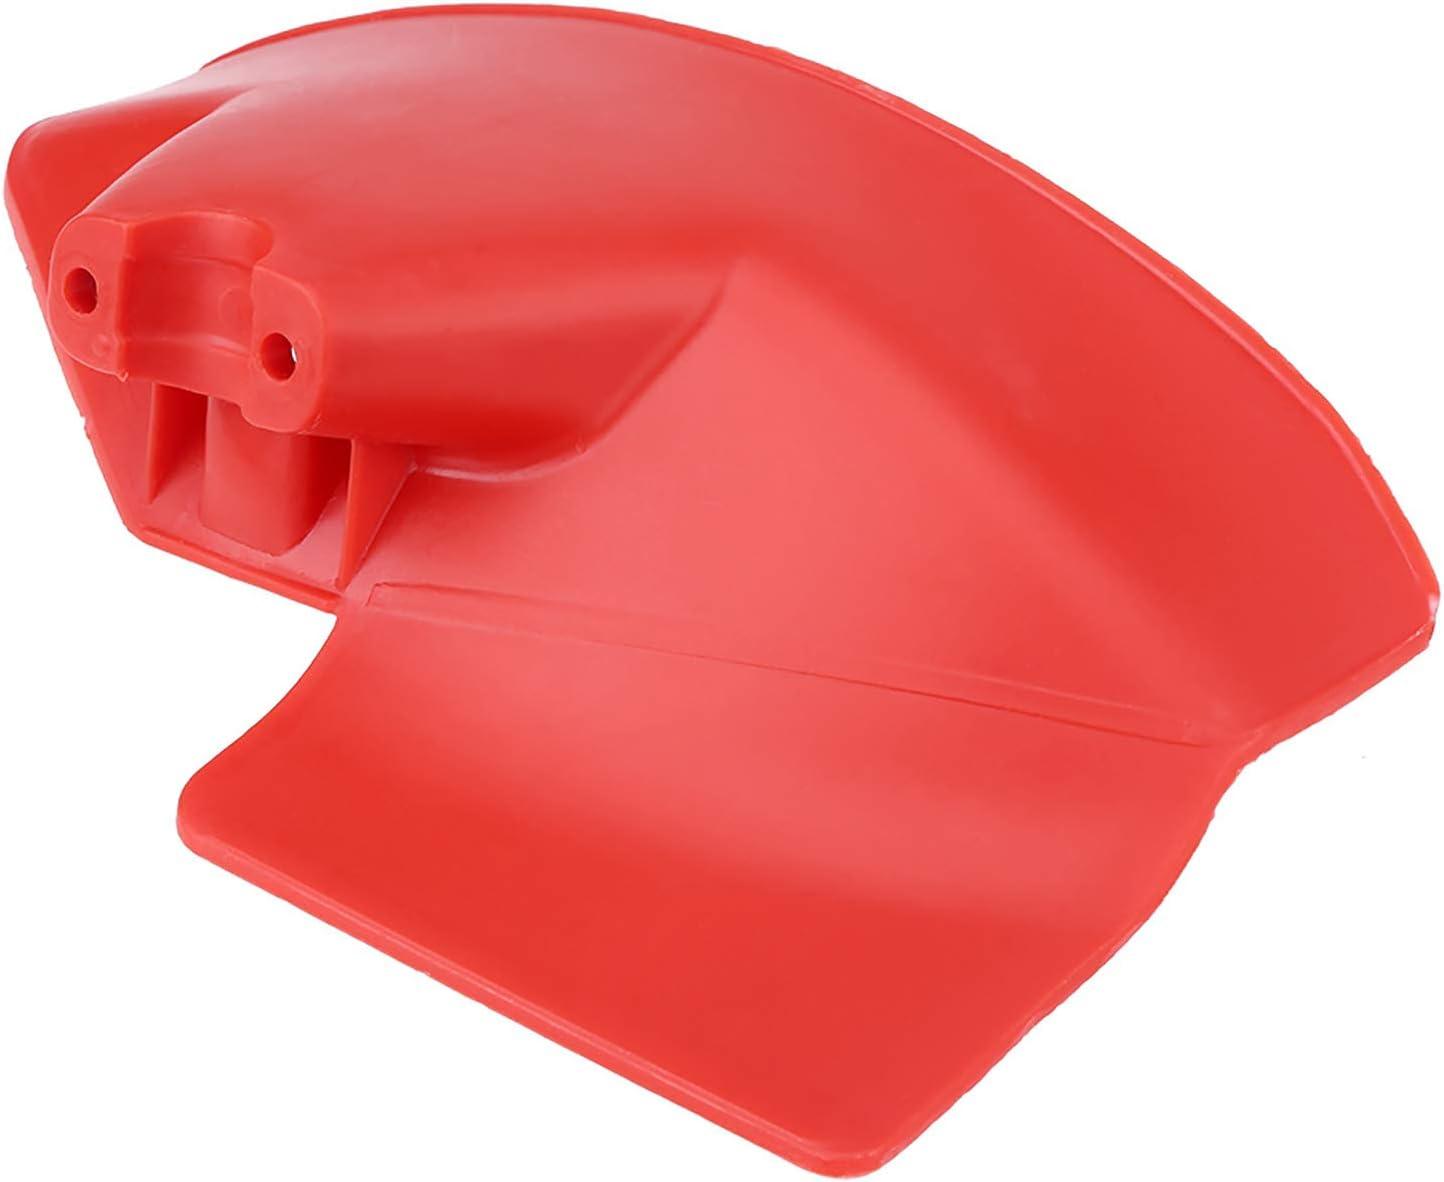 TKSE Accesorio para Cortador de Cepillo, Protector de recortador, Protector de Protector de Cortador de Cepillo de 1 Pieza para 24 26 28 mm de diámetro. Desbrozadora de Eje